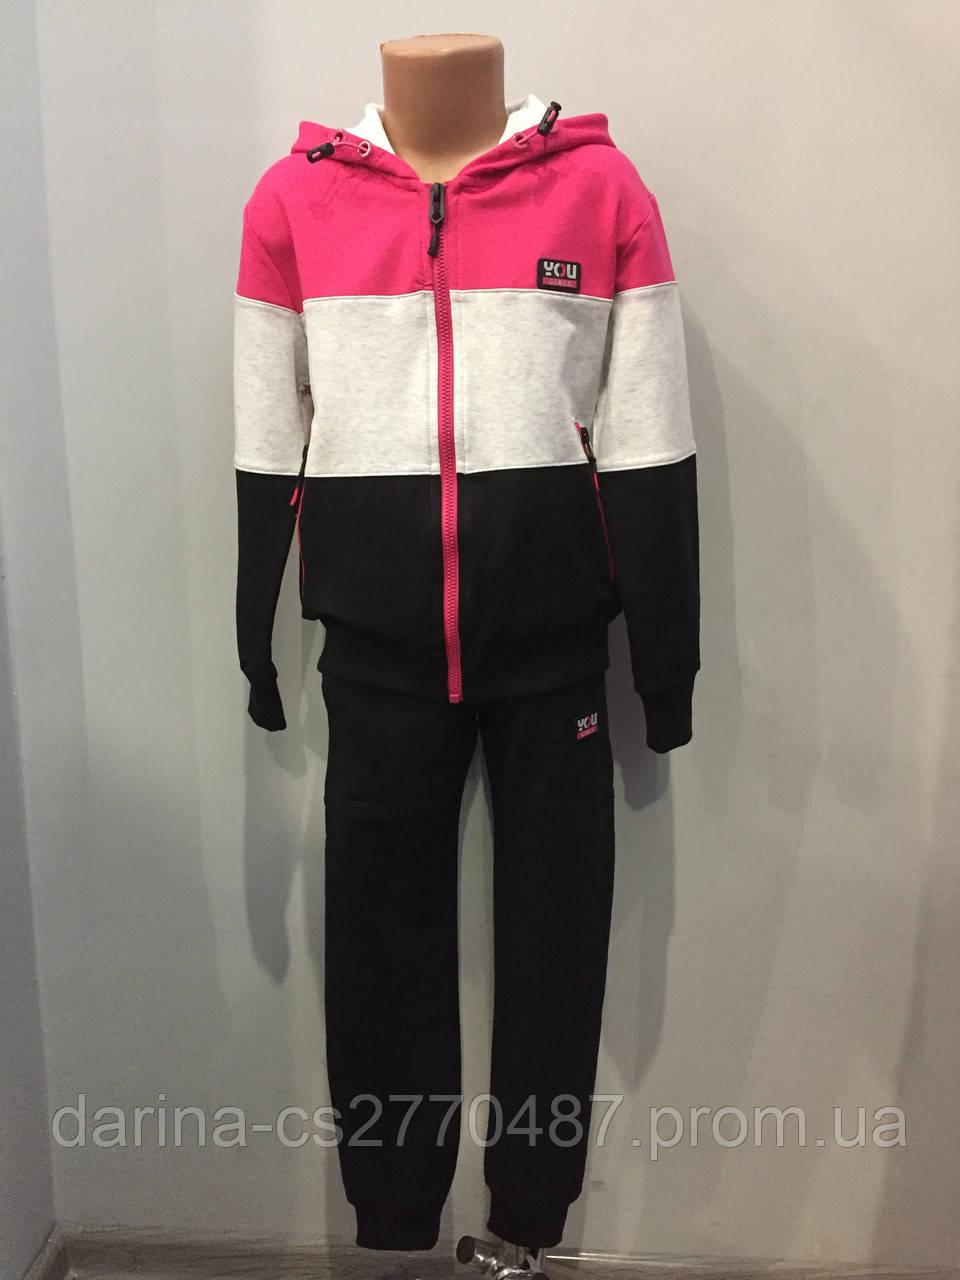 Спортивный костюм для девочки 140 см